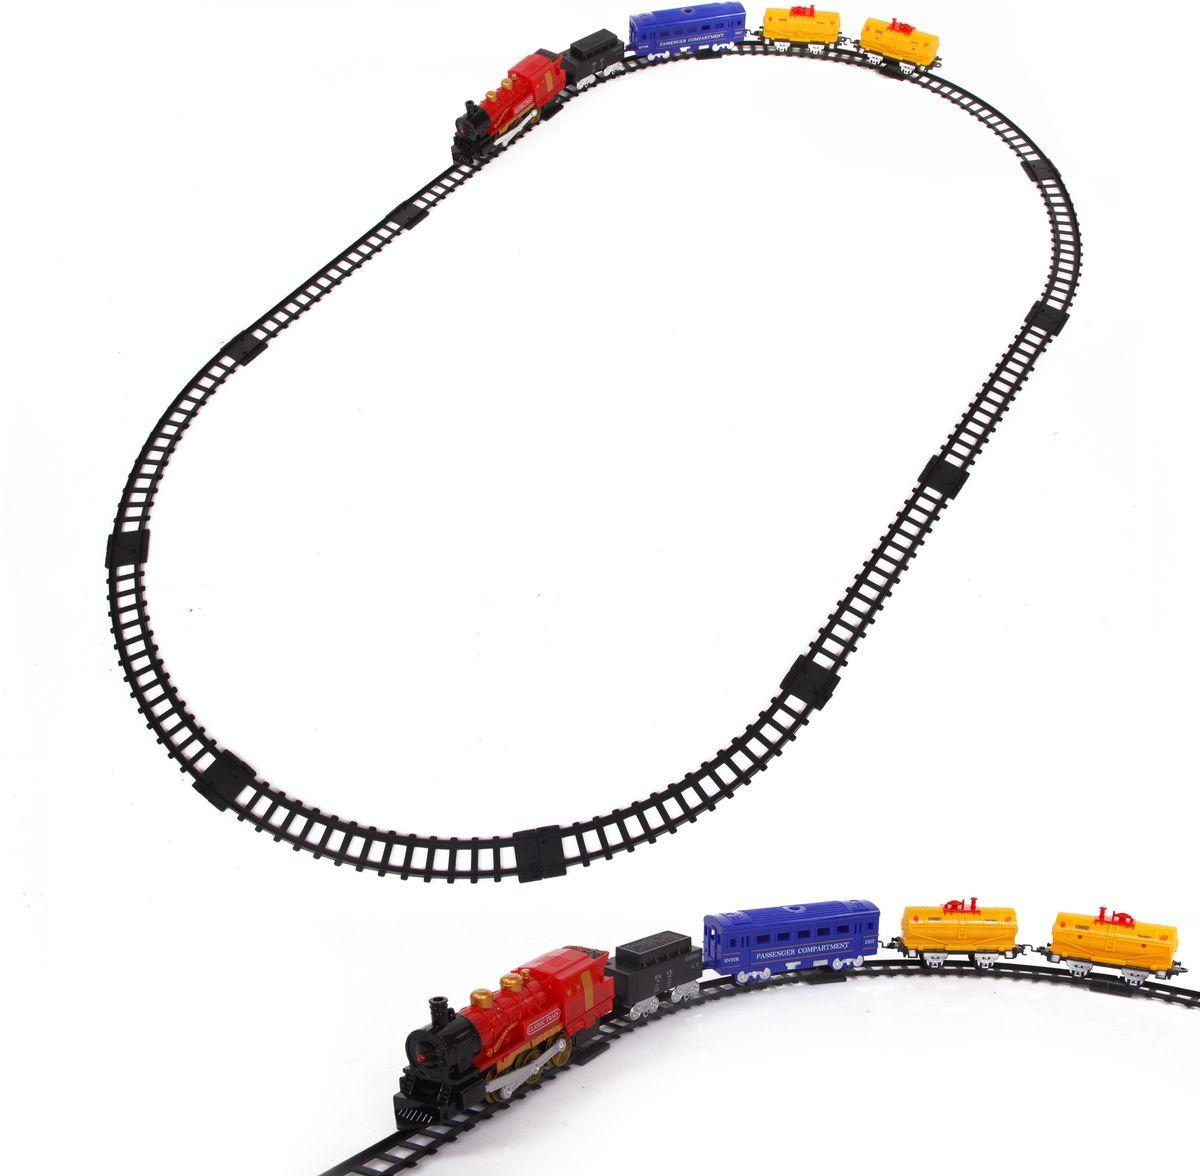 Yako Железная дорога Останови крушение! Y1699026 - Железные дороги